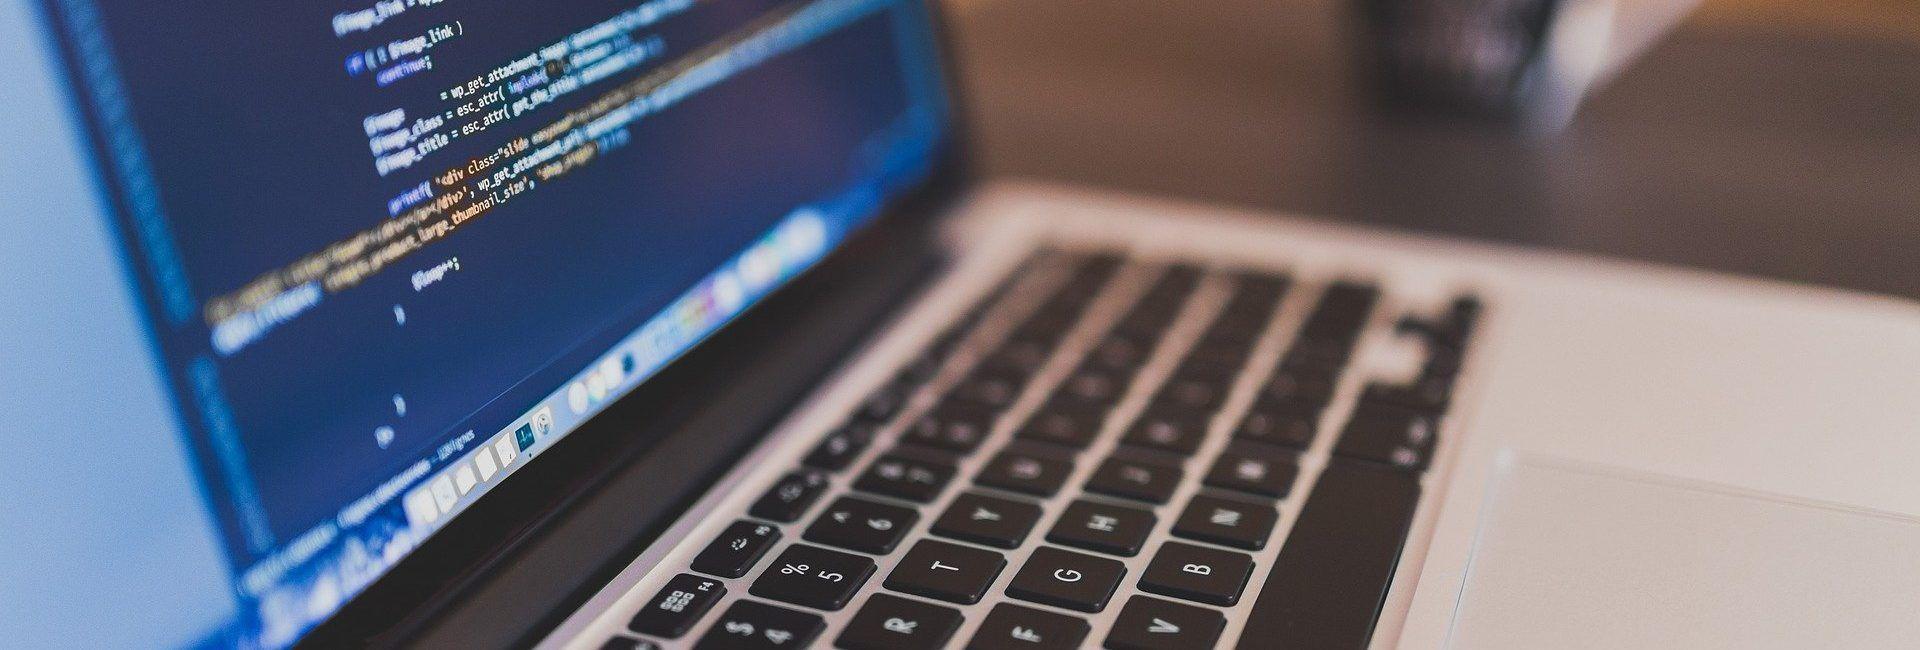 Soporte informático y cursos especializados para empresas y particulares